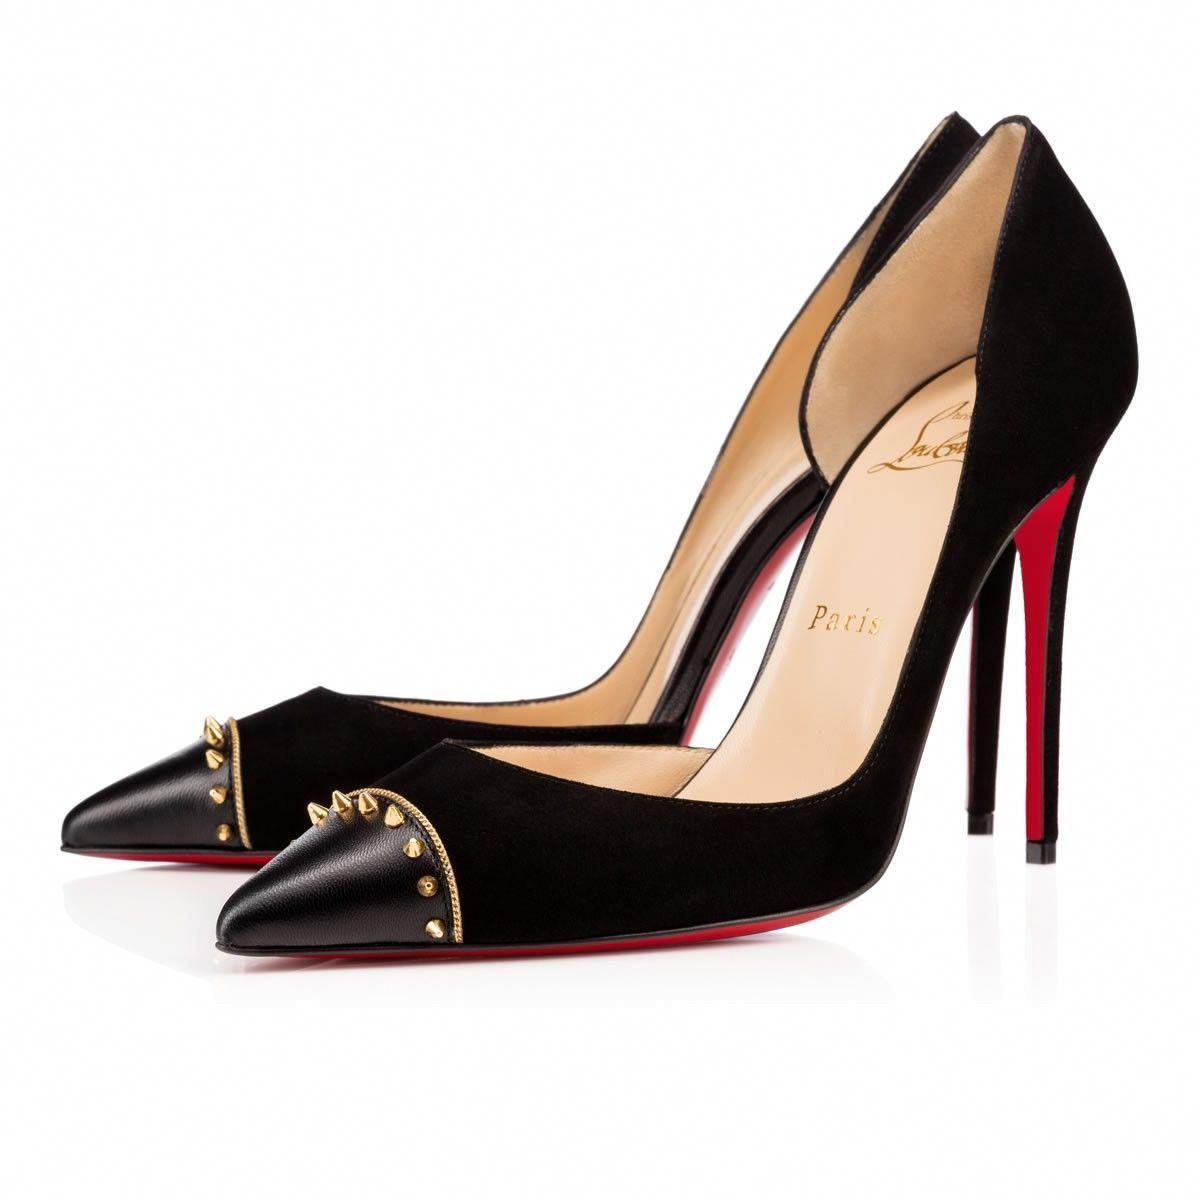 Christian Louboutin   Shoes women heels, Fashion heels